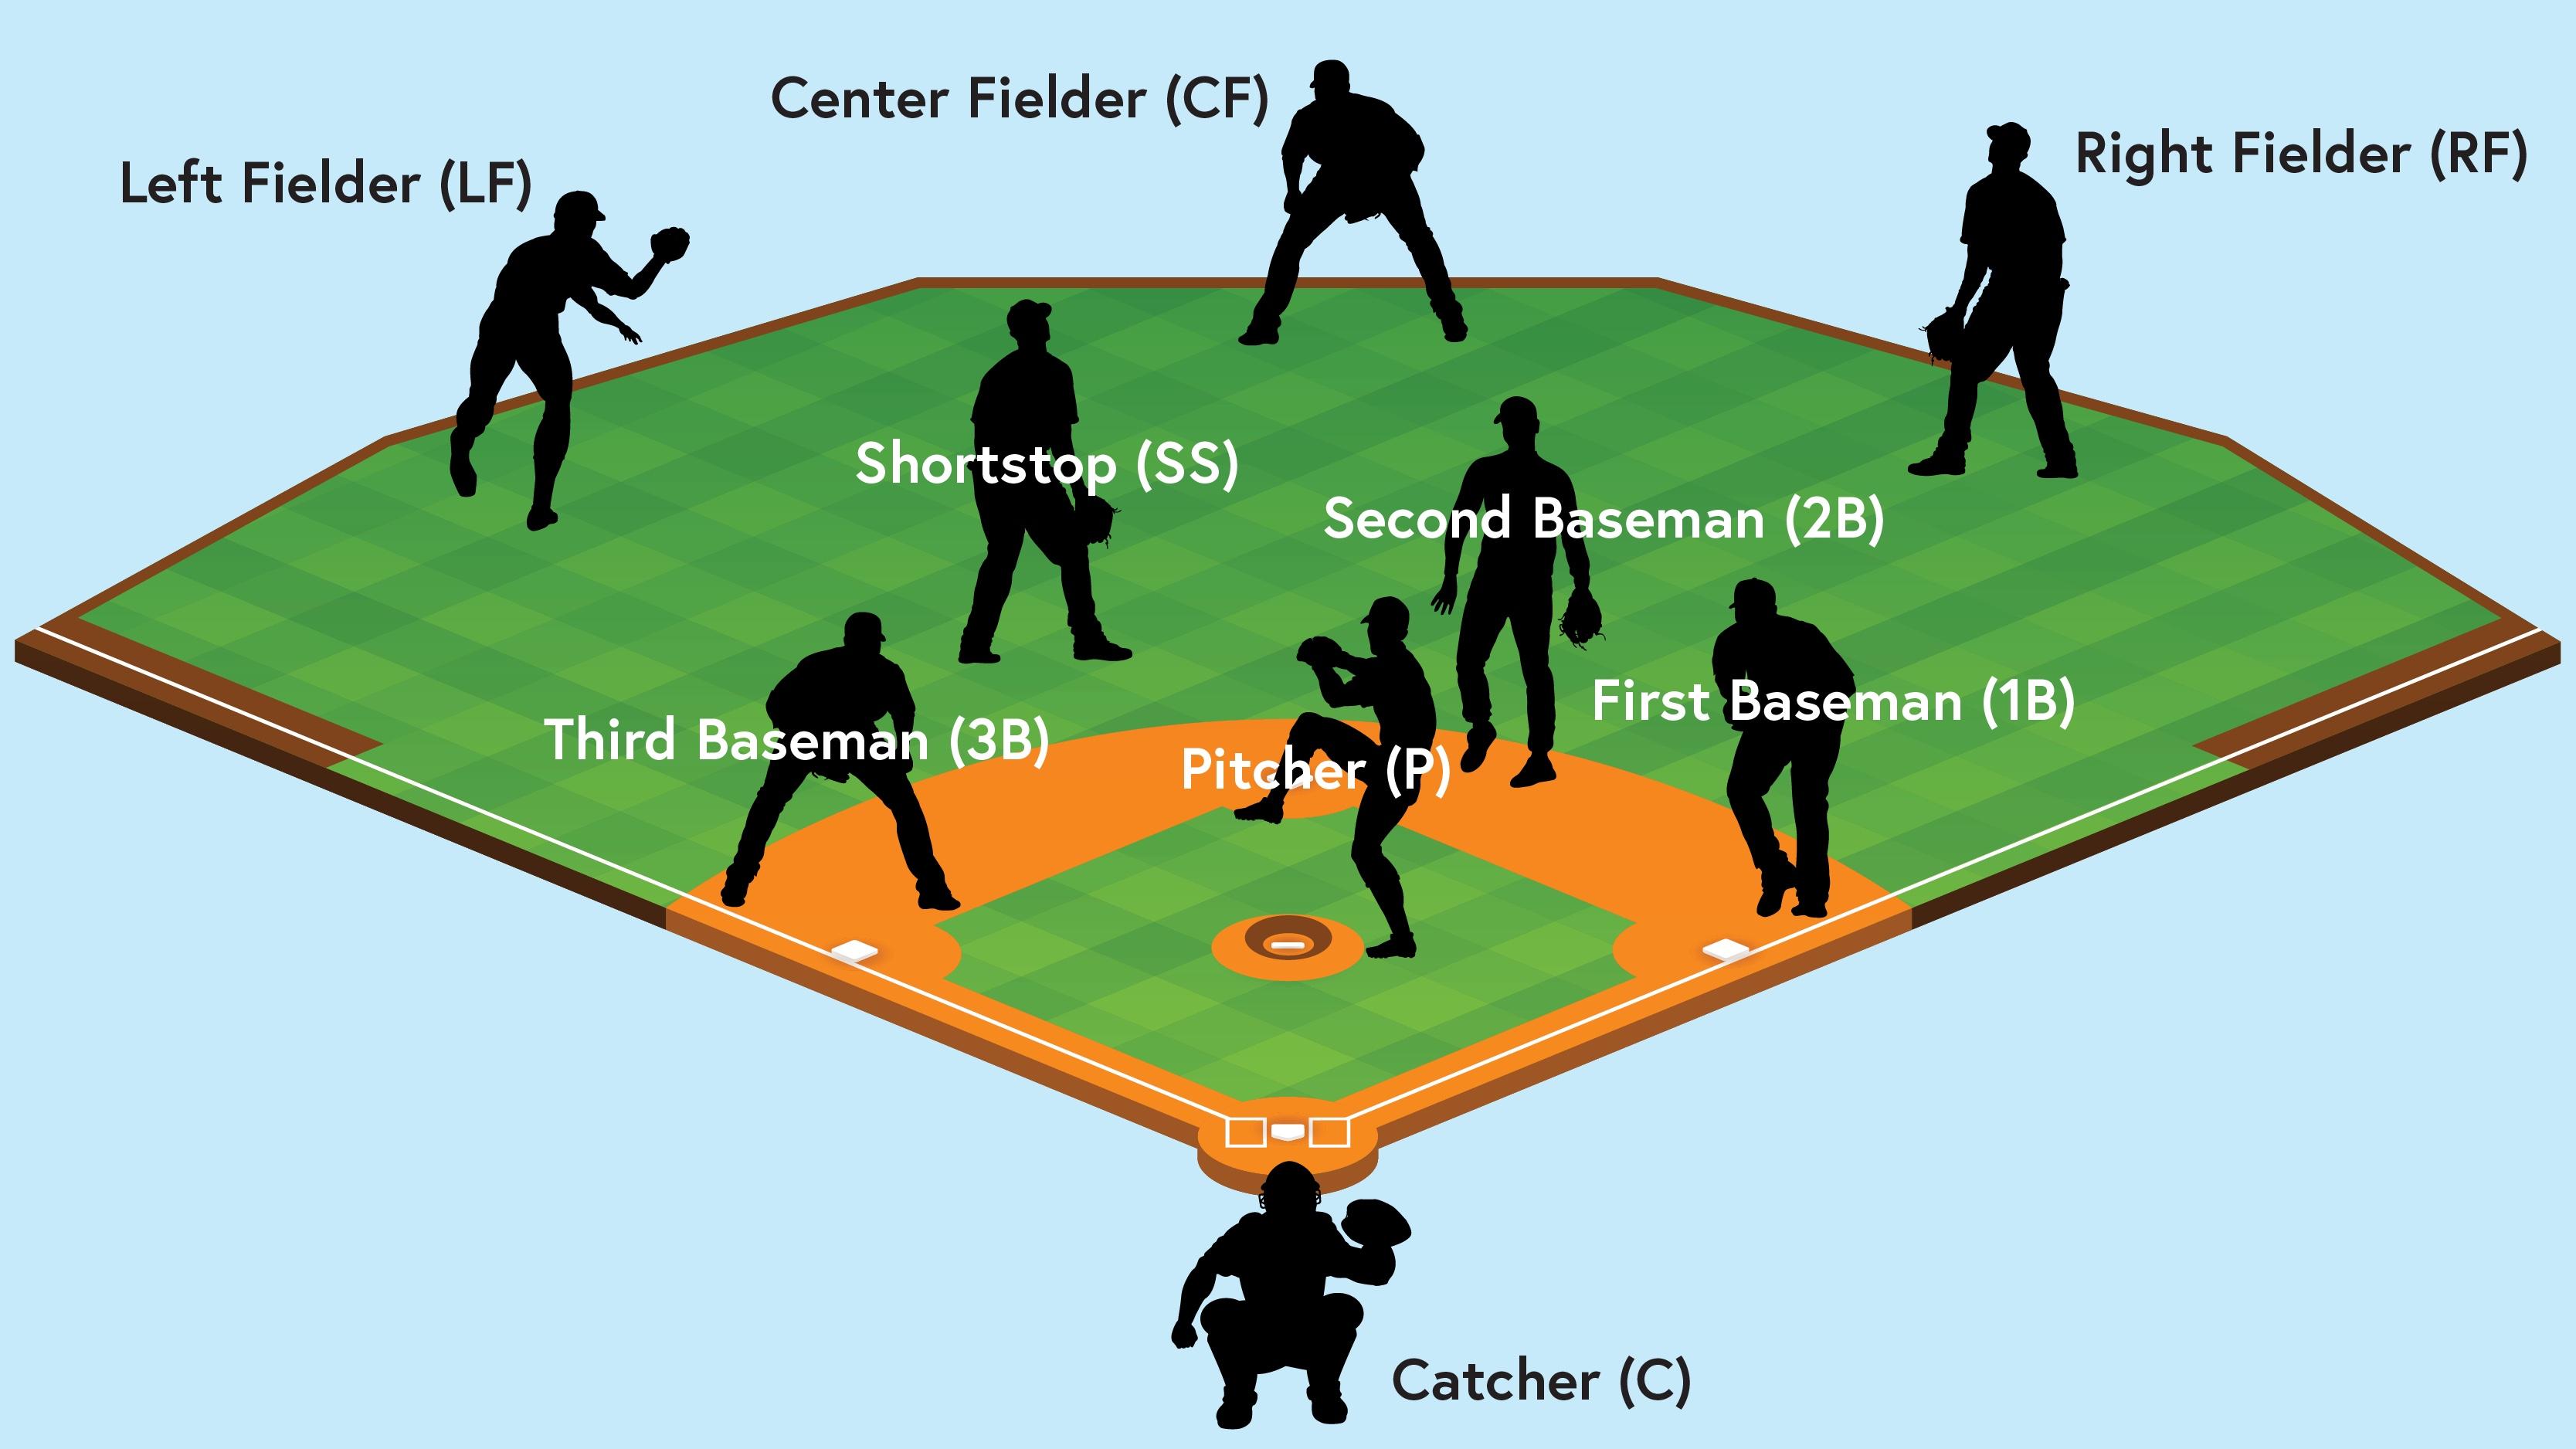 Baseball positions and abbreviations